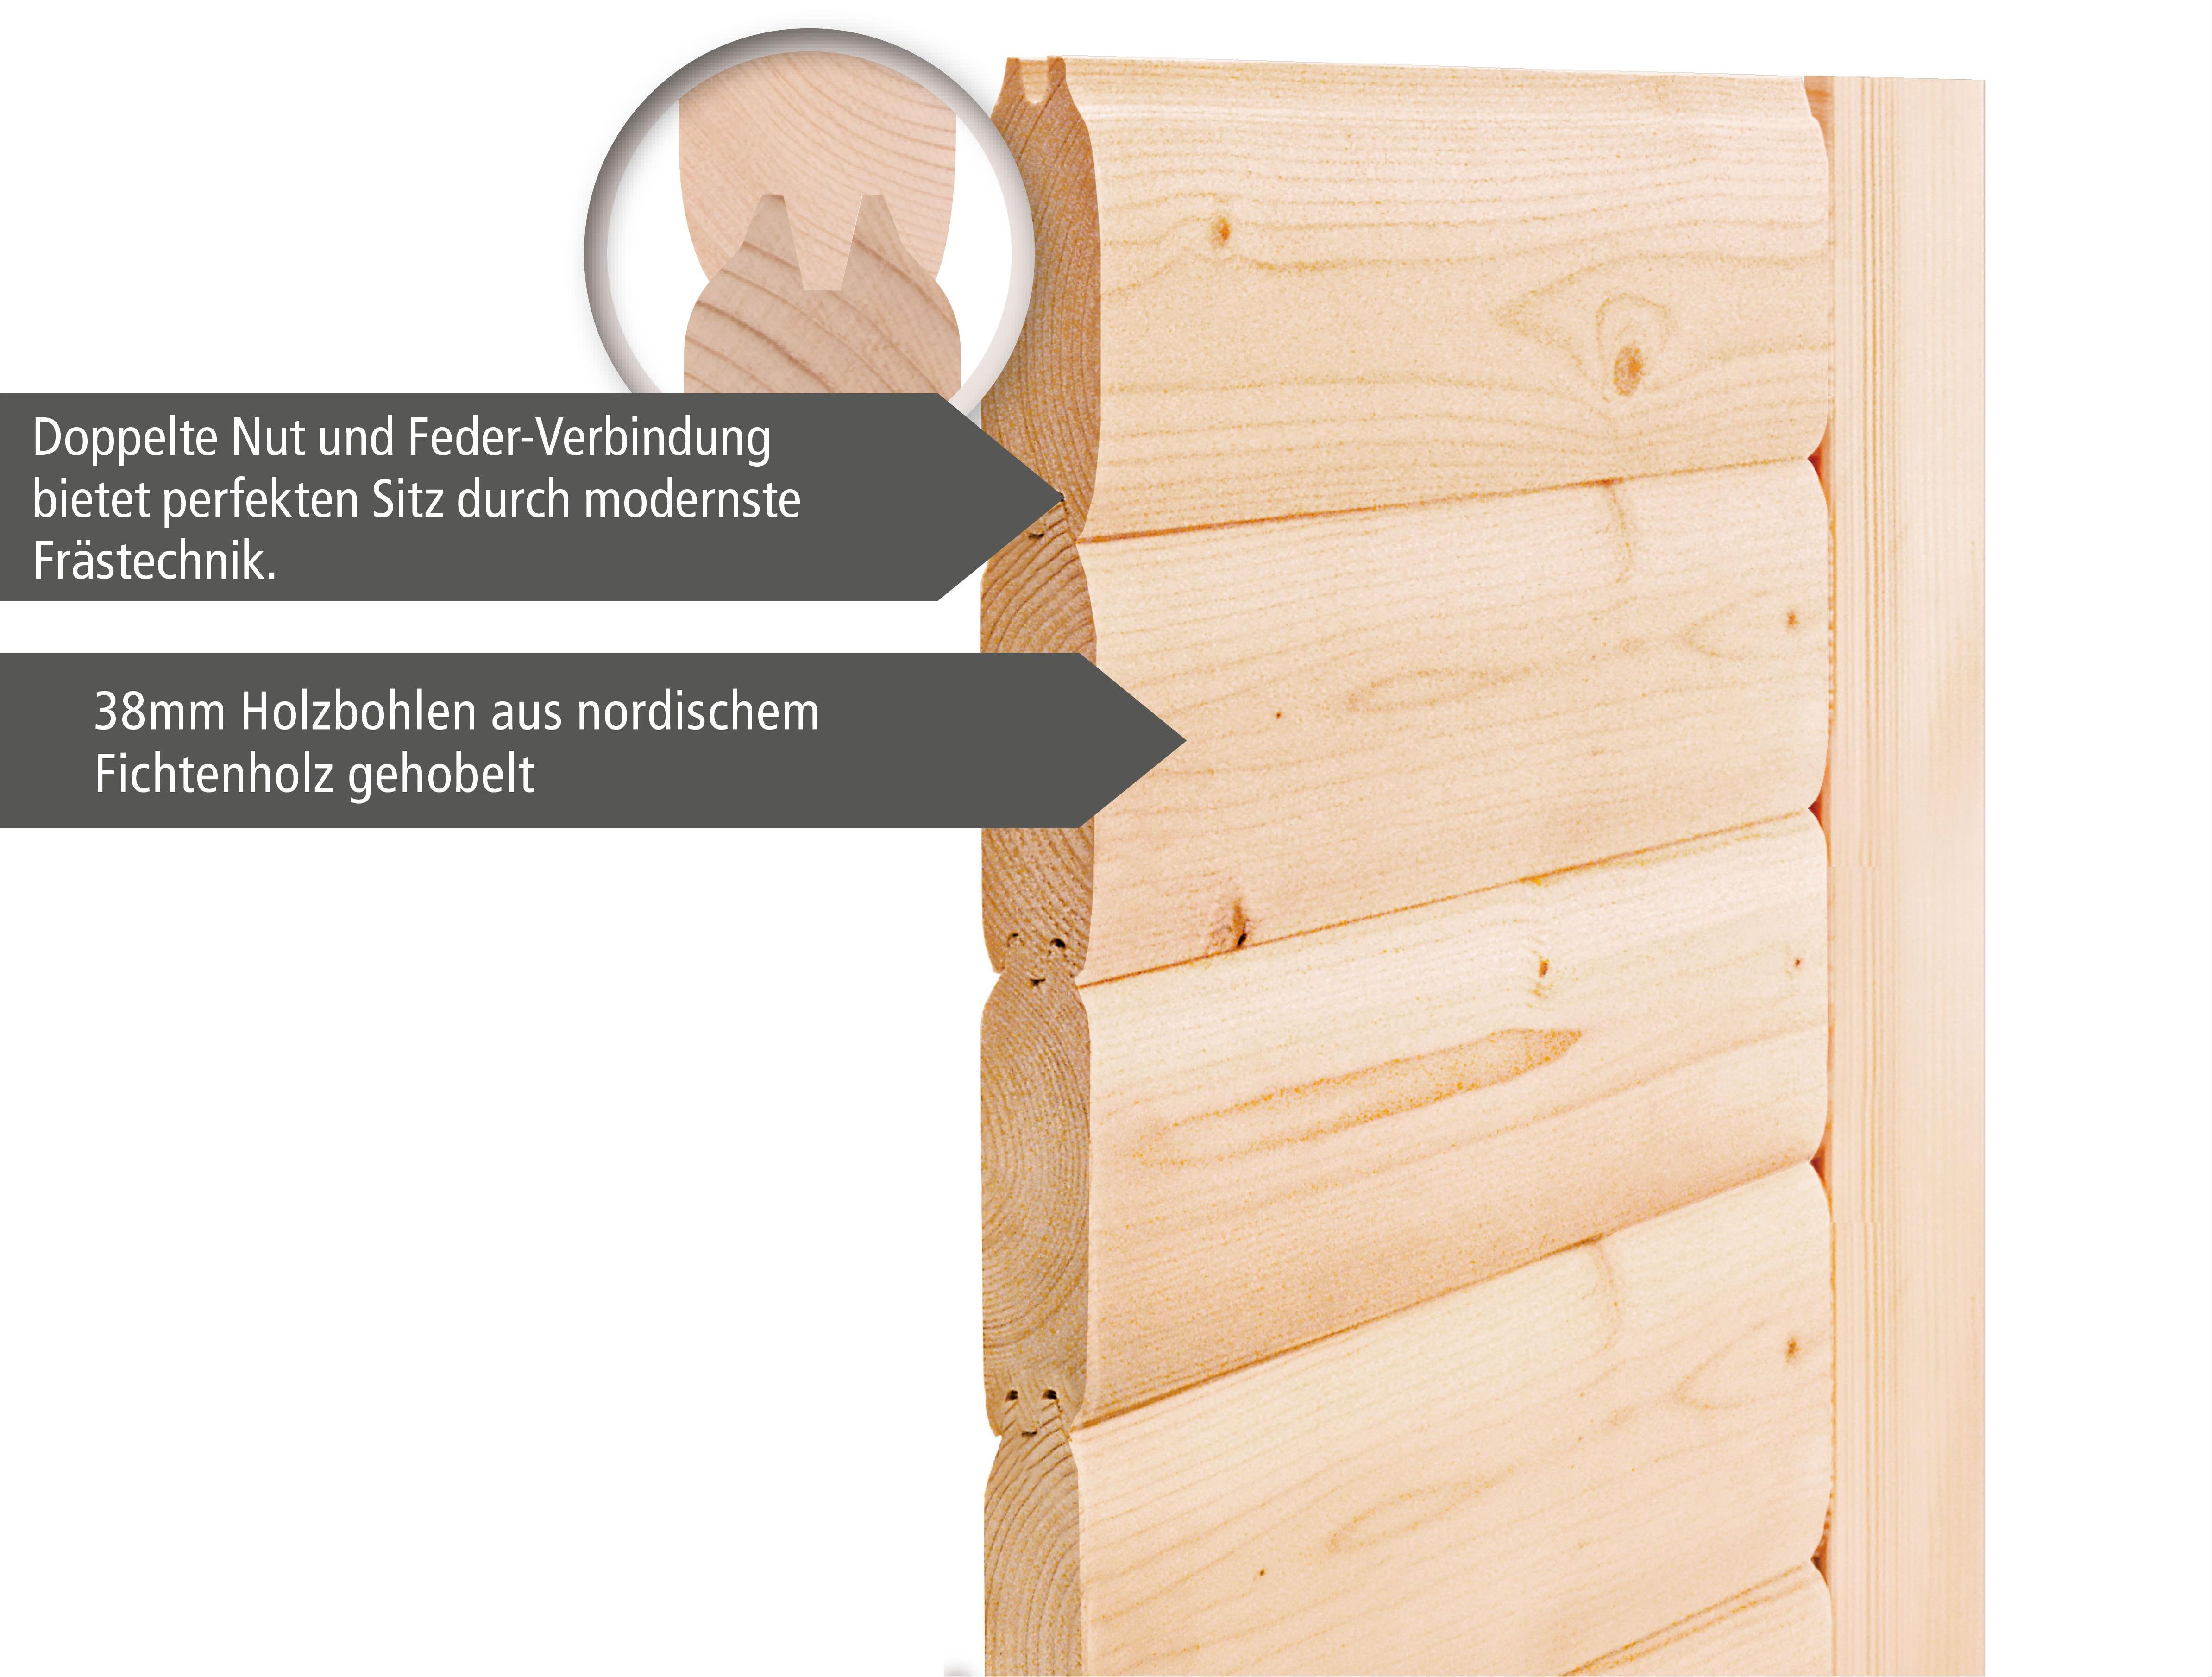 Gartensauna Karibu Saunahaus Kroge 38mm Ofen 9kW extern Tür modern Bild 4